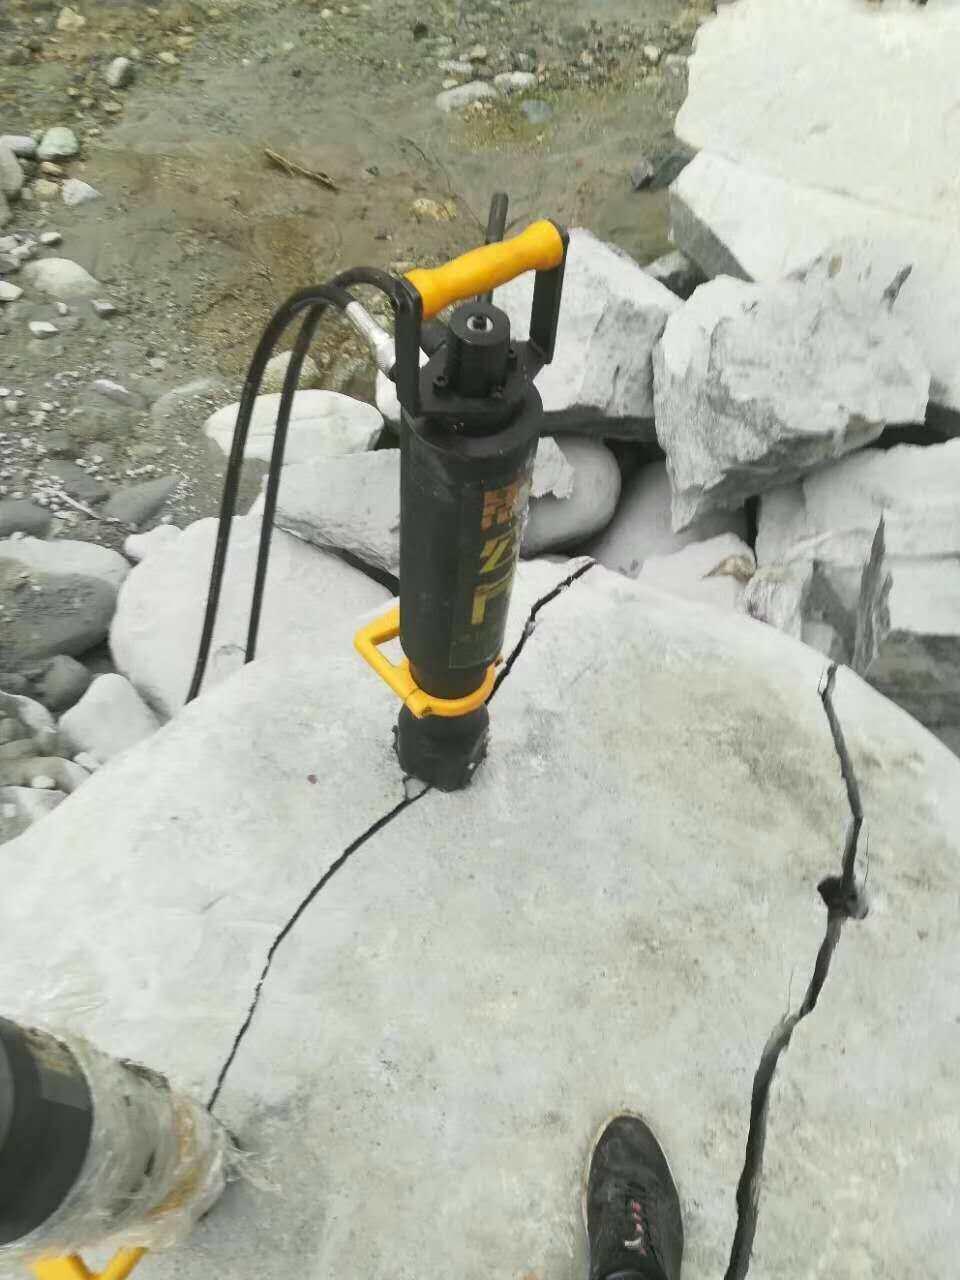 愚公斧新型岩石劈裂机首先,在被分裂的物体上钻一些特定直径和深度的孔,将分裂机的楔块组插入钻好的孔中。液压动力站产生高压液压油,通过分裂机上的液压缸,驱动楔块组中的中间楔块向前驶出,并将两个反向楔块向两边撑开。从而产生巨大分裂力将被分裂的物体结构内部破坏掉,数秒钟内被分裂的物体就会产生10 - 40毫米的裂纹并被分裂开来。